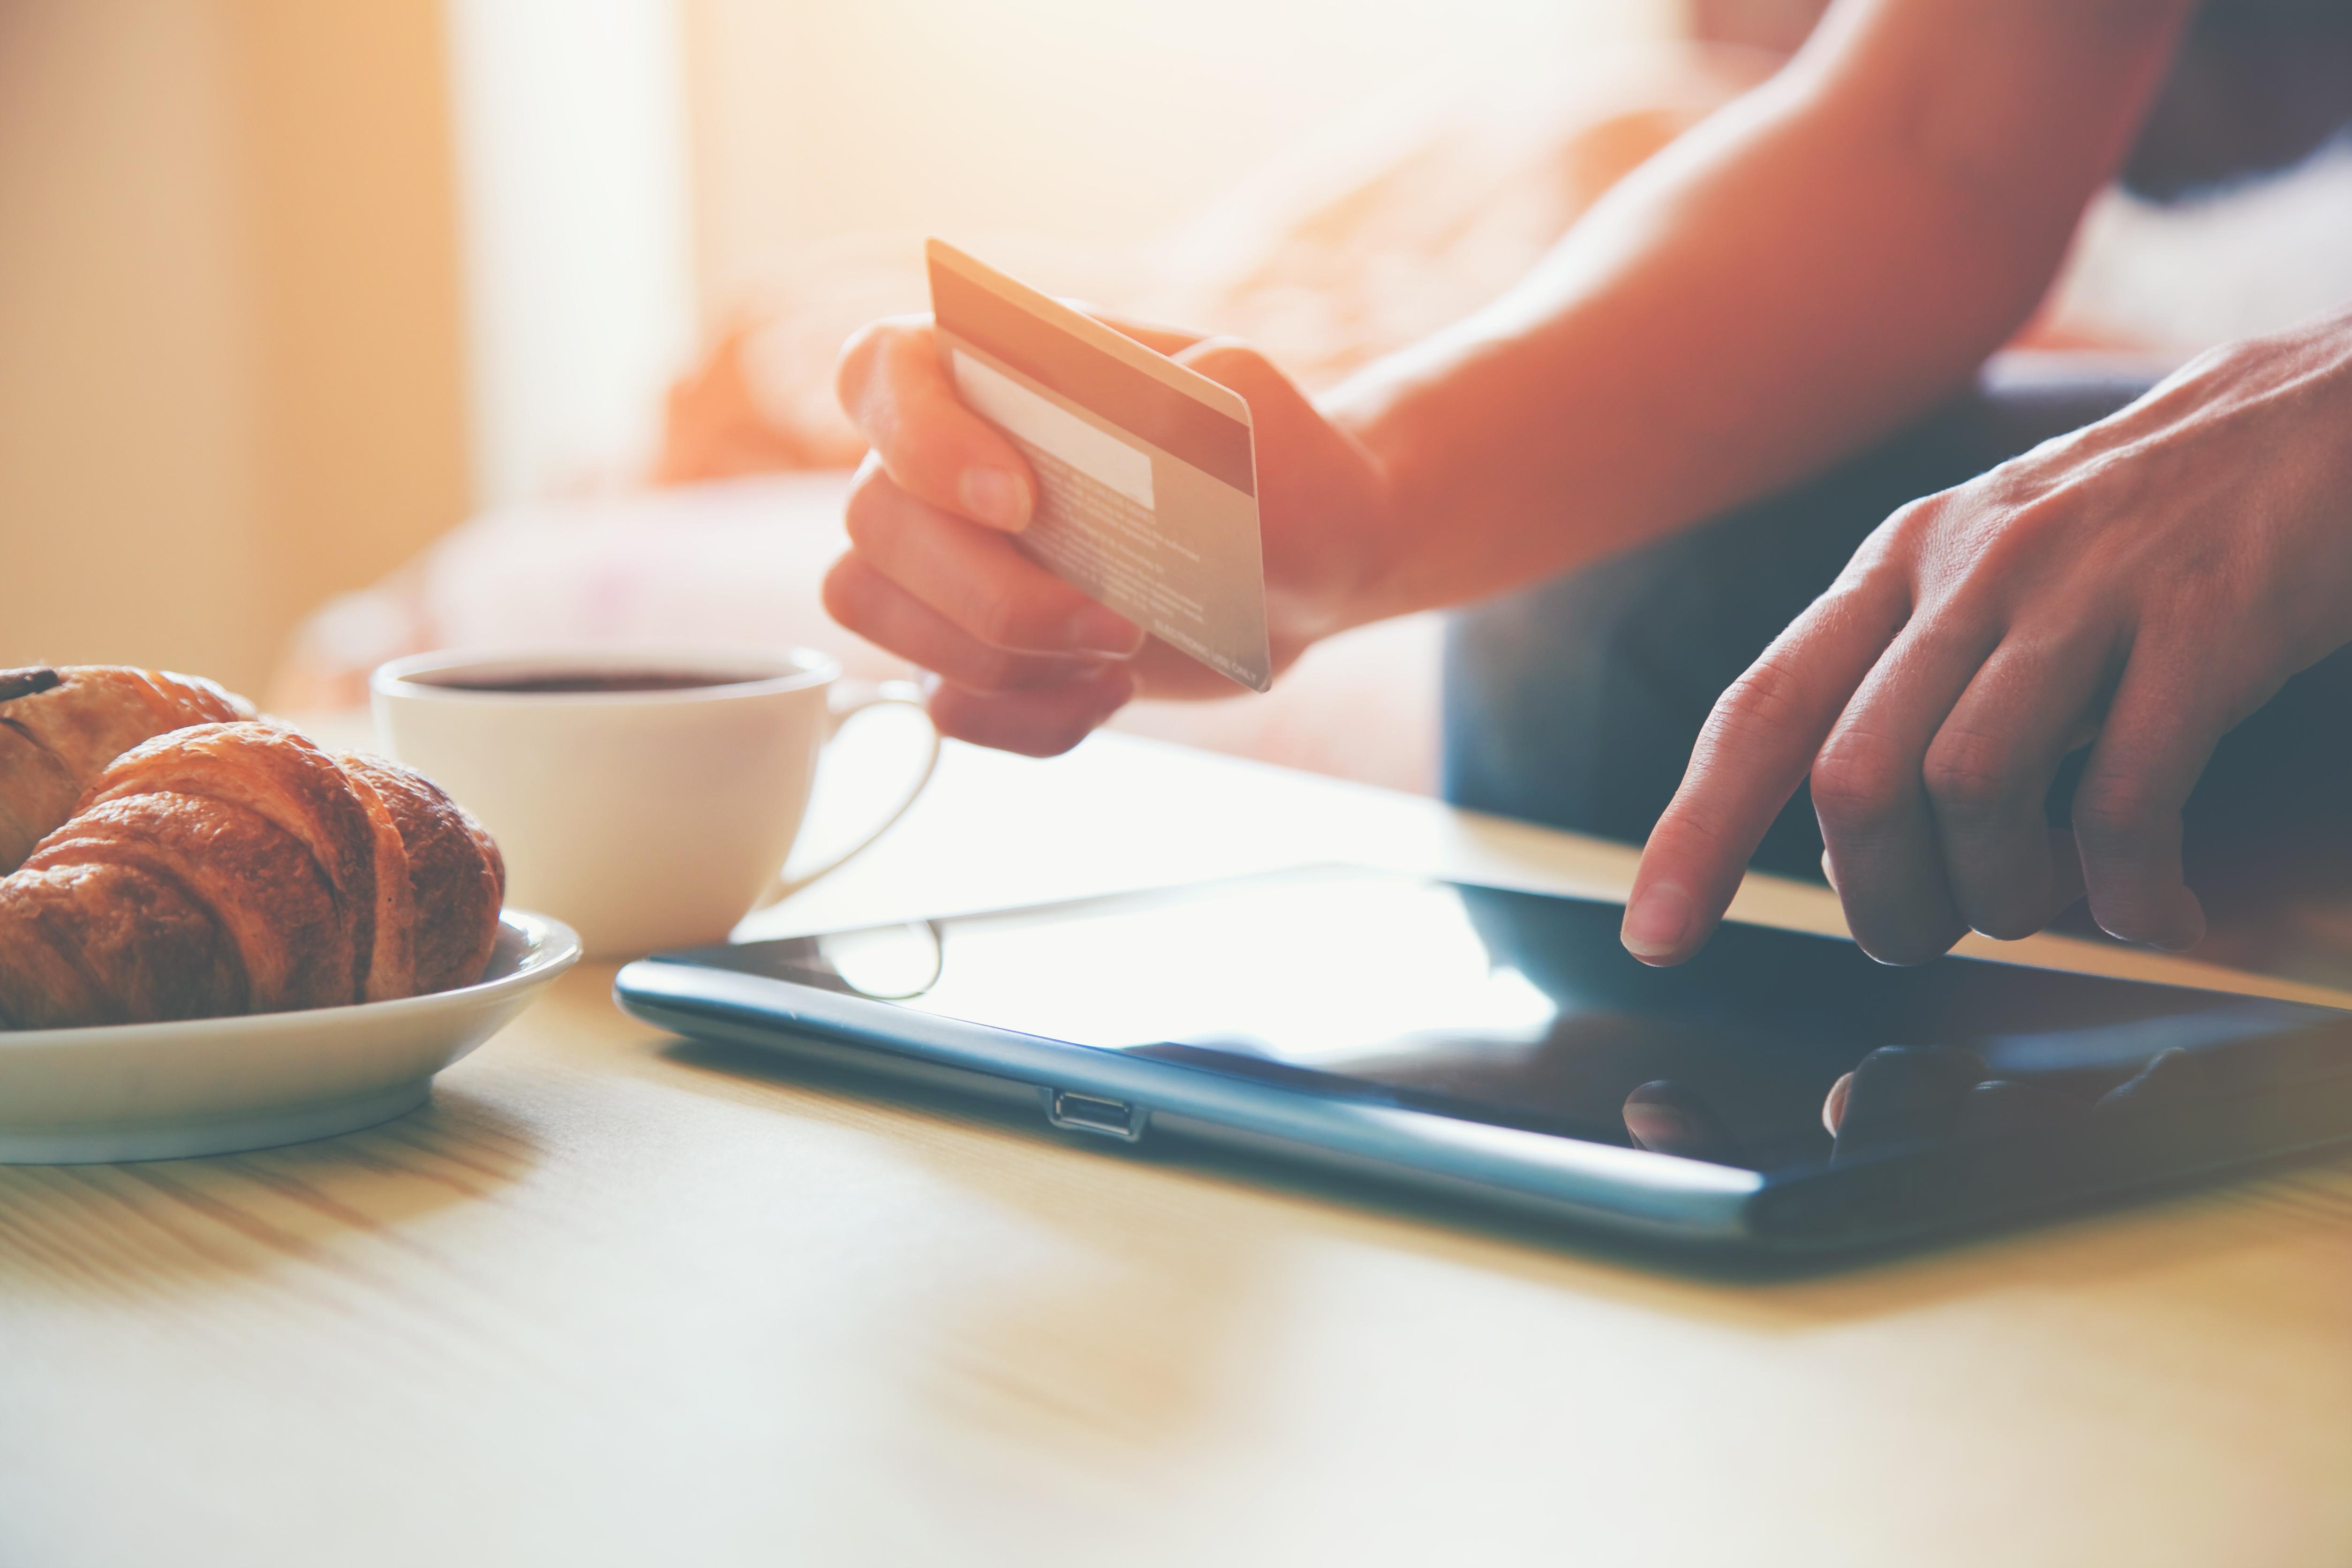 Ist es an der Zeit, E-Commerce neu zu erfinden?